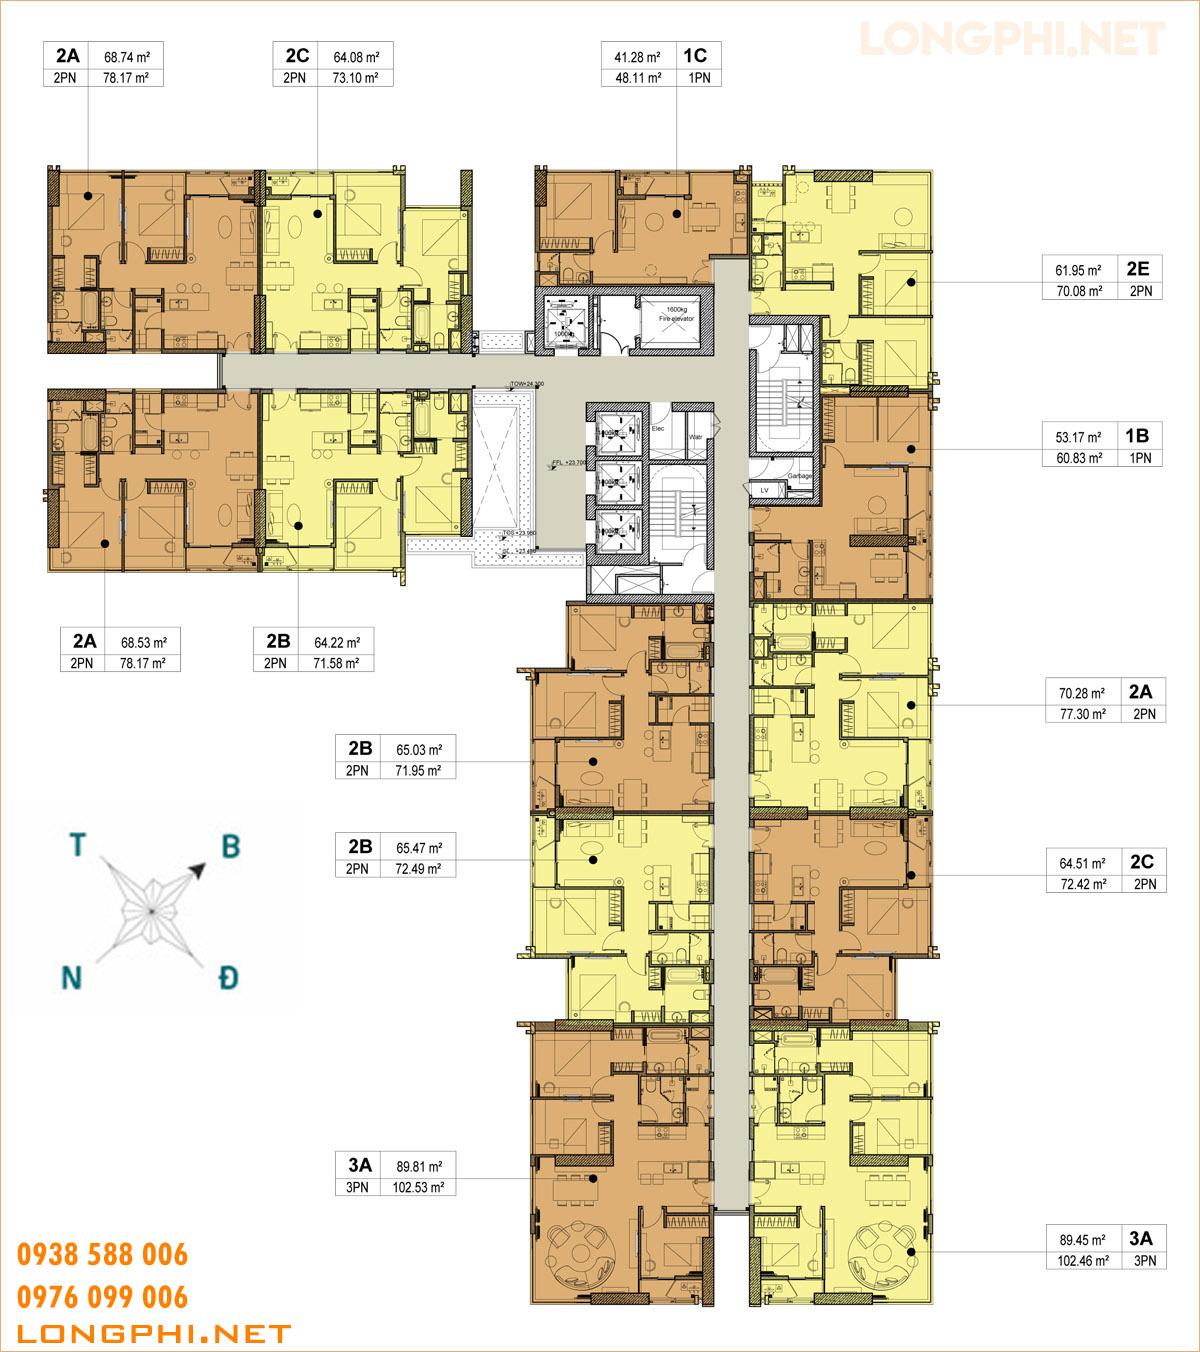 Mặt bằng tầng block C dự án khu căn hộ Kingdom 101 quận 10, TP.HCM.